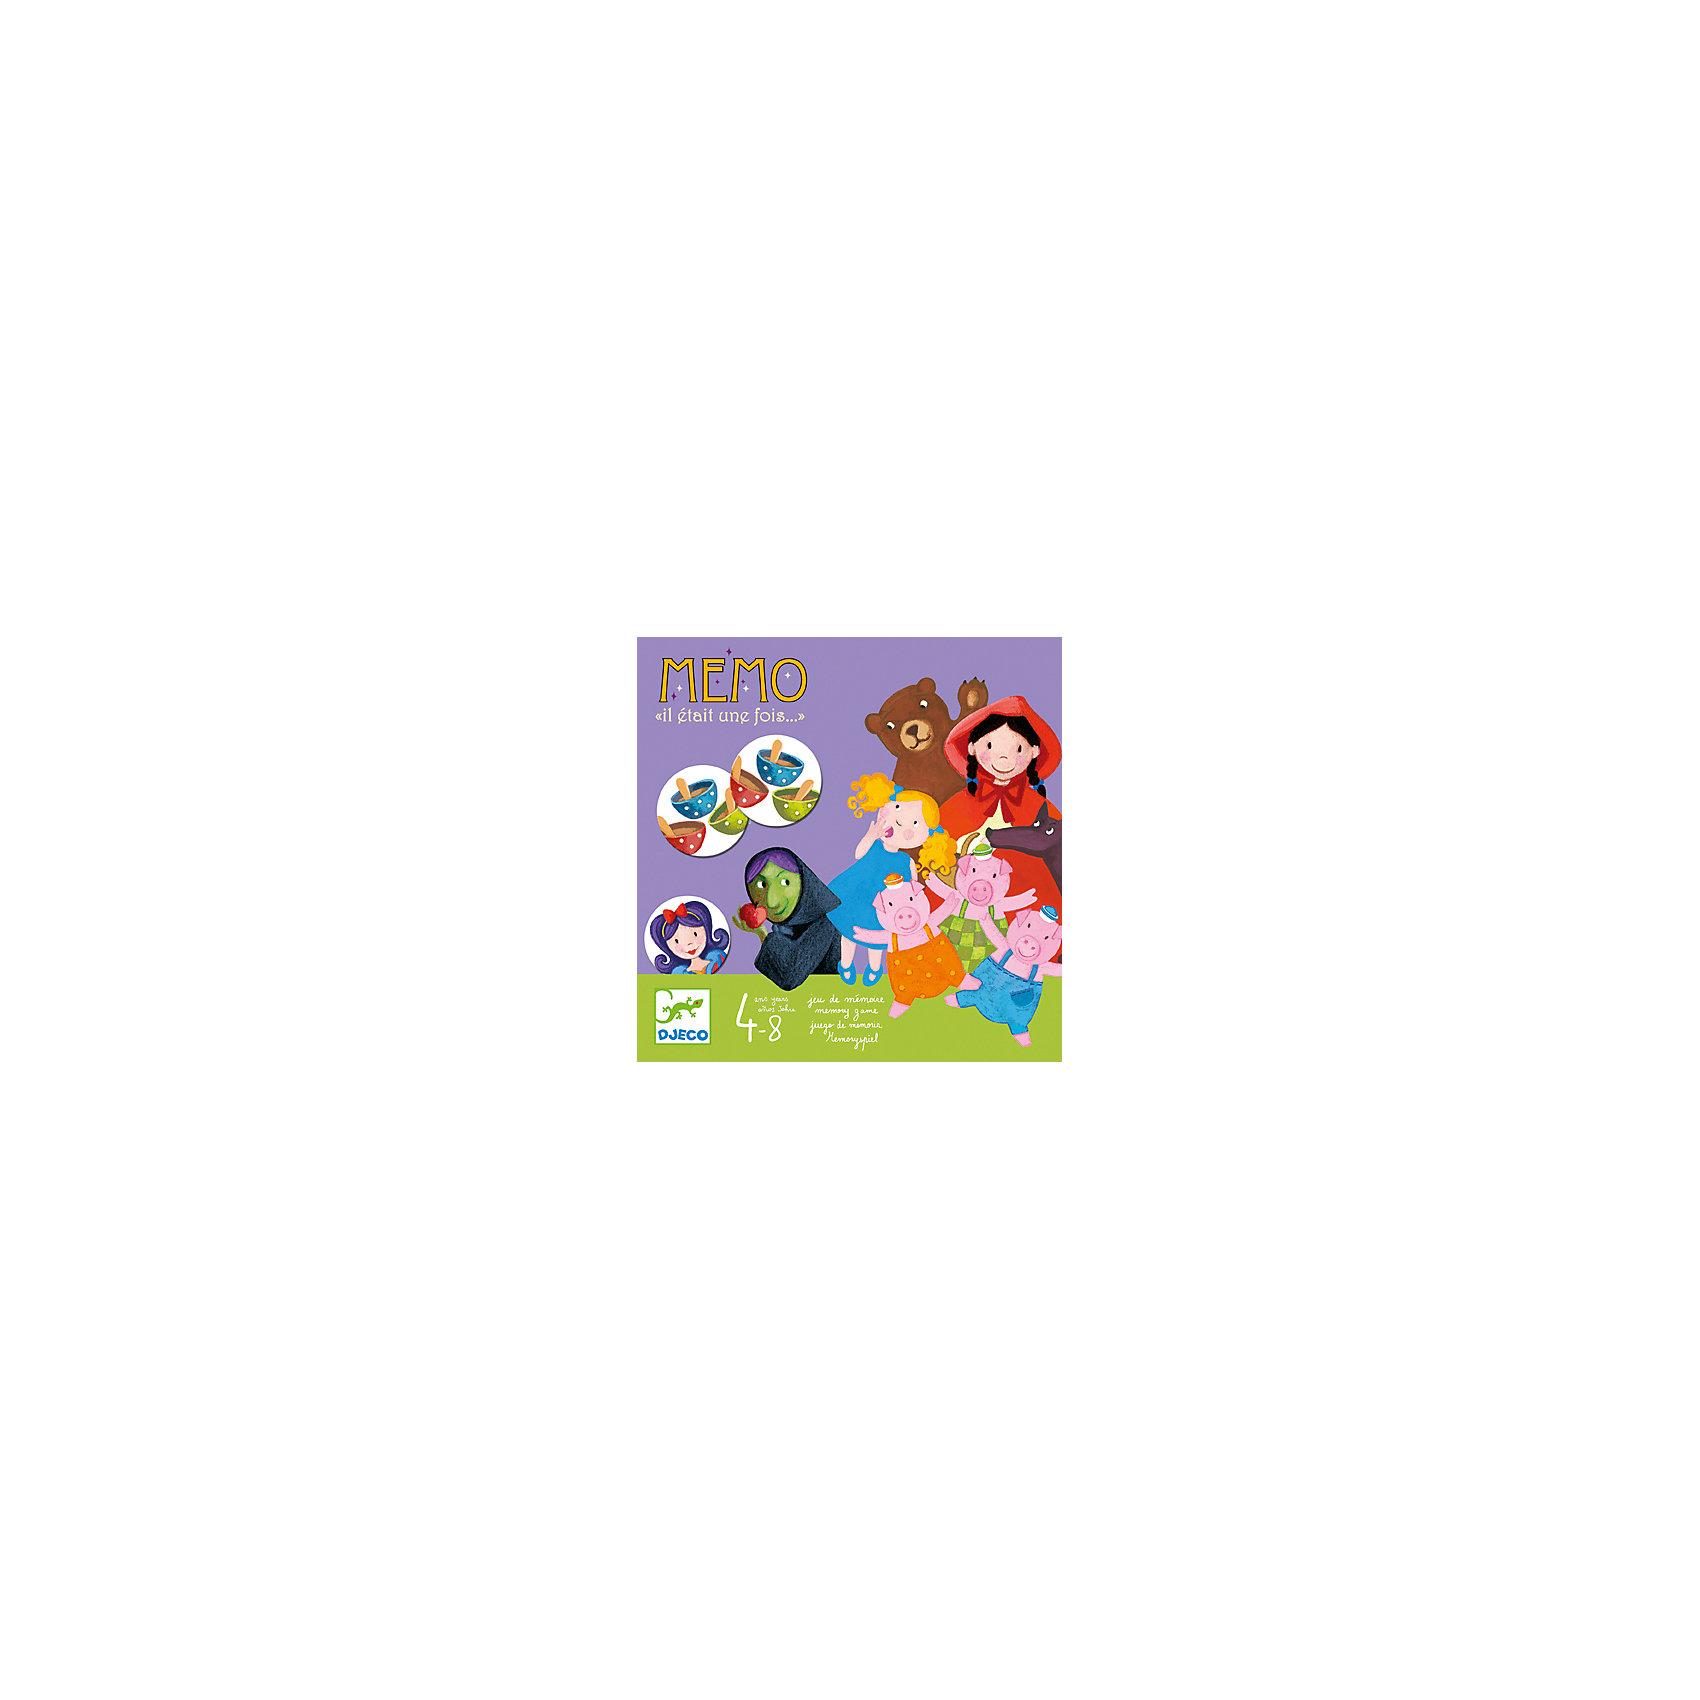 Игра Жили-были, DJECOУвлекательная игра-мемо Жили-были, Djeco (Джеко) - идеальный вариант для совместного времяпрепровождения с ребенком или для детского праздника. Игра направлена на развитие навыков запоминания с интересным для ребенка сюжетом - персонажами сказок. На каждой из четырех табличек (Златовласка, Три поросенка, Красная шапочка, Белоснежка) изображены герои, которых и должен найти игрок среди всех карточек. В игре могут участвовать от 1 до 4 игроков. Перед началом игры карточки с героями укладываются рубашками вверх. Все участники по очереди открывает по две карты: парные карточки забирают себе, а непарные укладывают обратно на то же место рубашкой вверх. Задача игроков - собрать как можно больше парных карточек. Во втором варианте игры каждый игрок собирает карточки определенной сказки. Игра прекрасно развивает внимание и память.<br><br>Дополнительная информация:<br><br>- В комплекте: 4 таблицы, 40 карточек с изображениями из 4 сказок, подробная инструкция с правилами игры<br>- Материал: картон.<br>- Размер упаковки: 21,5 х 21,5 х 3 см.<br>- Вес: 0,49 кг.<br><br>Игру Жили-были, Djeco (Джеко), можно купить в нашем магазине.<br><br>Ширина мм: 215<br>Глубина мм: 30<br>Высота мм: 215<br>Вес г: 600<br>Возраст от месяцев: 48<br>Возраст до месяцев: 84<br>Пол: Унисекс<br>Возраст: Детский<br>SKU: 2200013